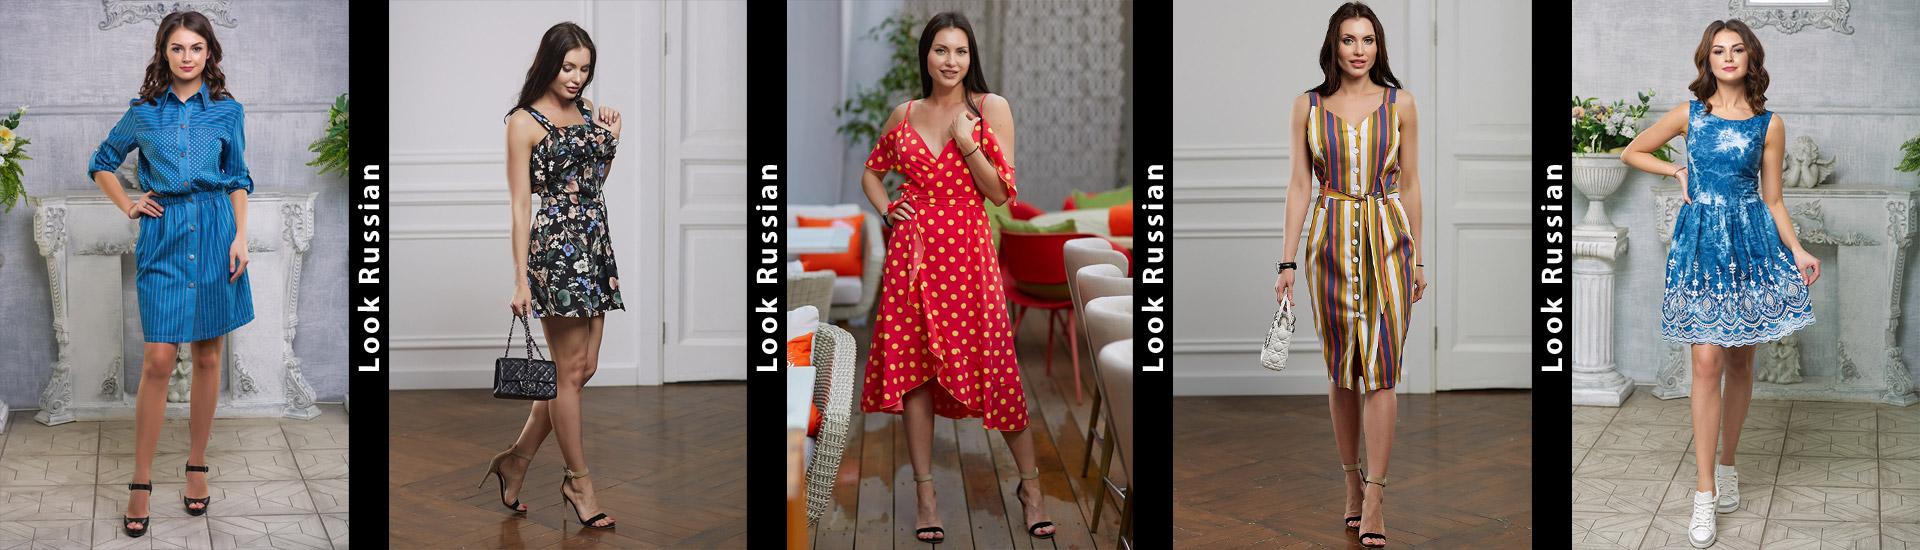 ef51c389d0ec Интернет-магазин женской одежды Kokette, купить недорогую одежду с ...